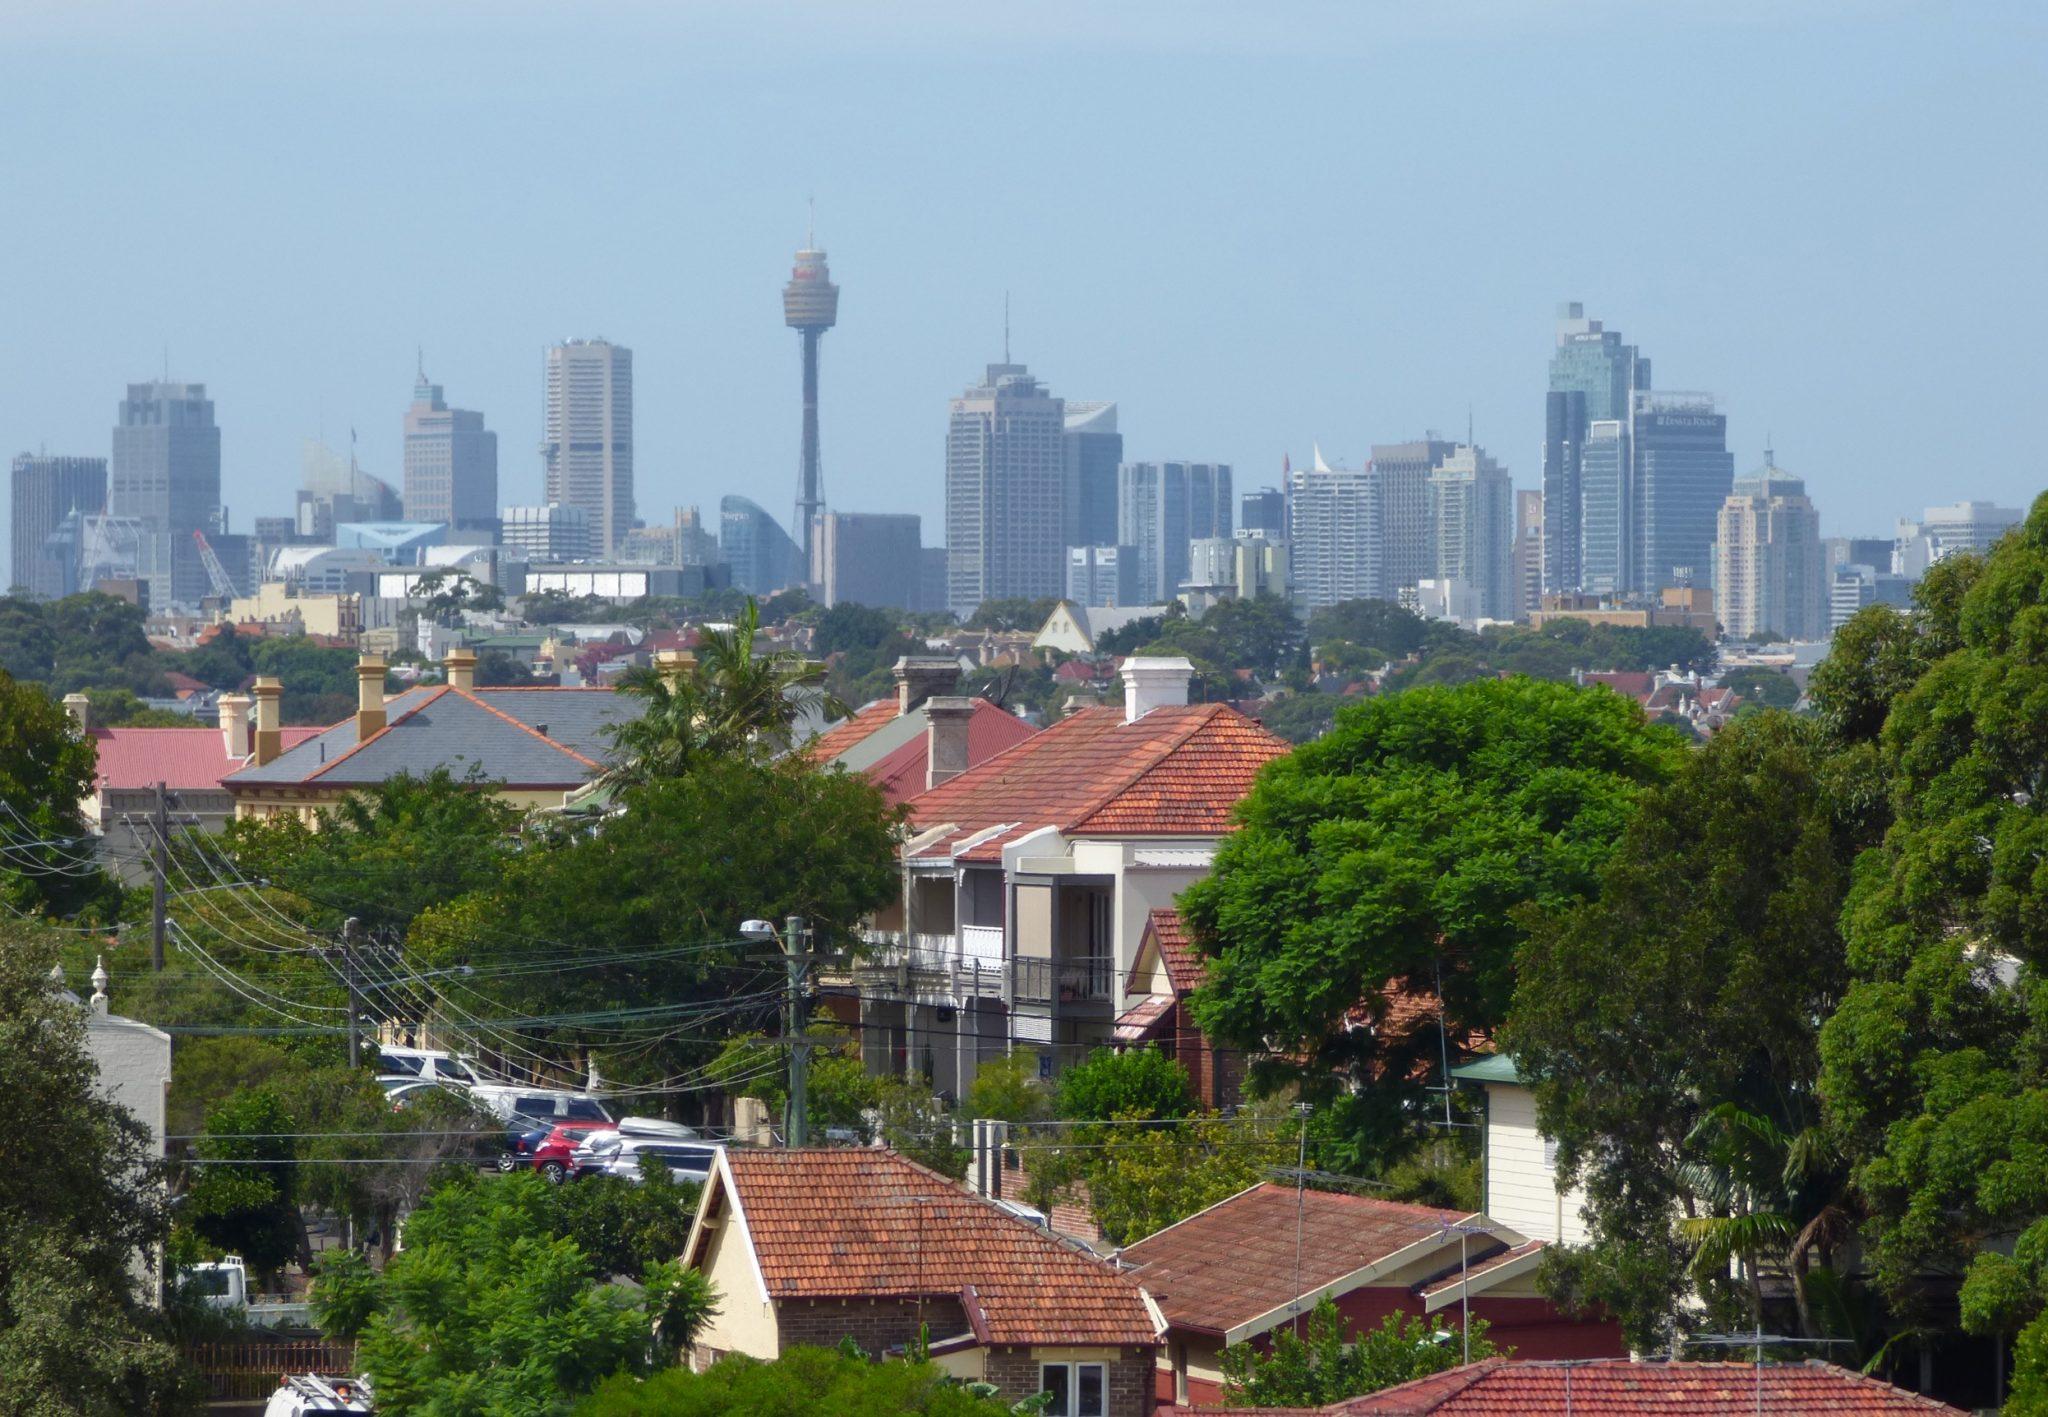 Sydney Marrickville